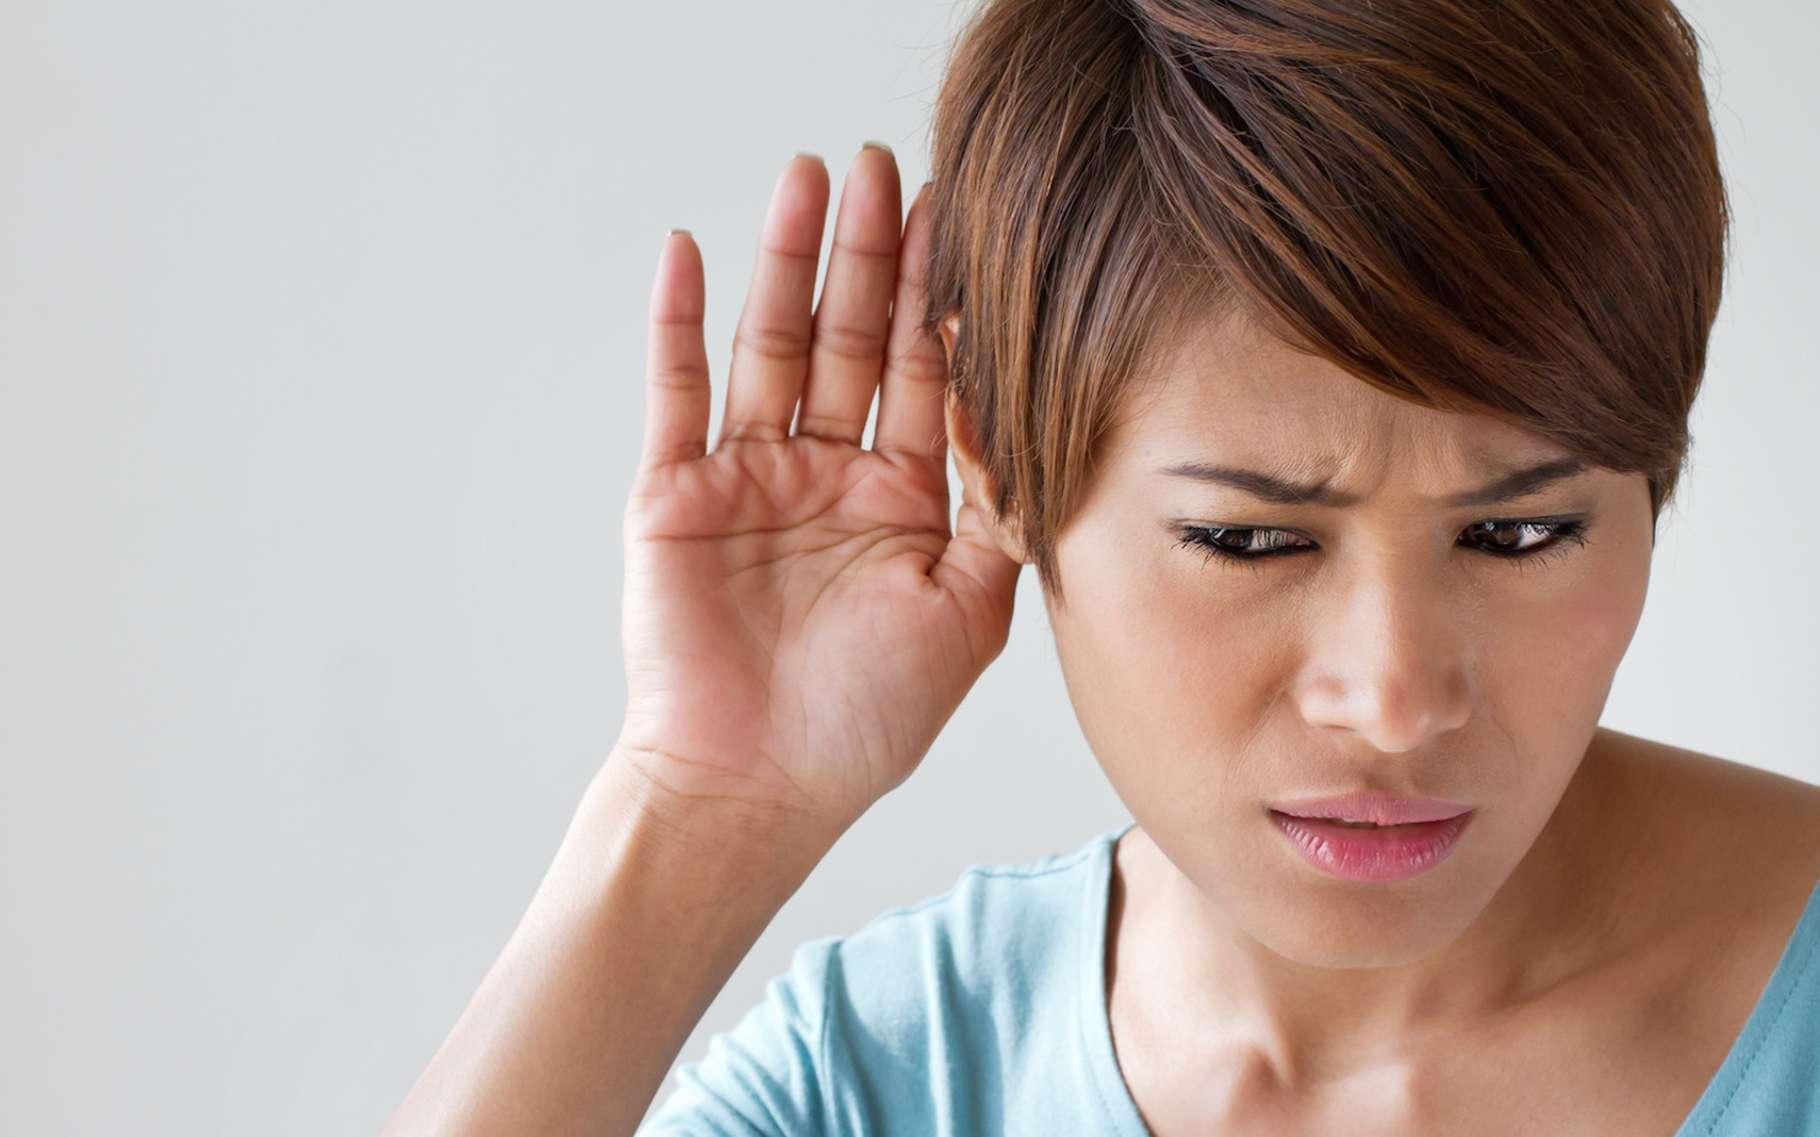 Une personne malentendante essayant de percevoir un son